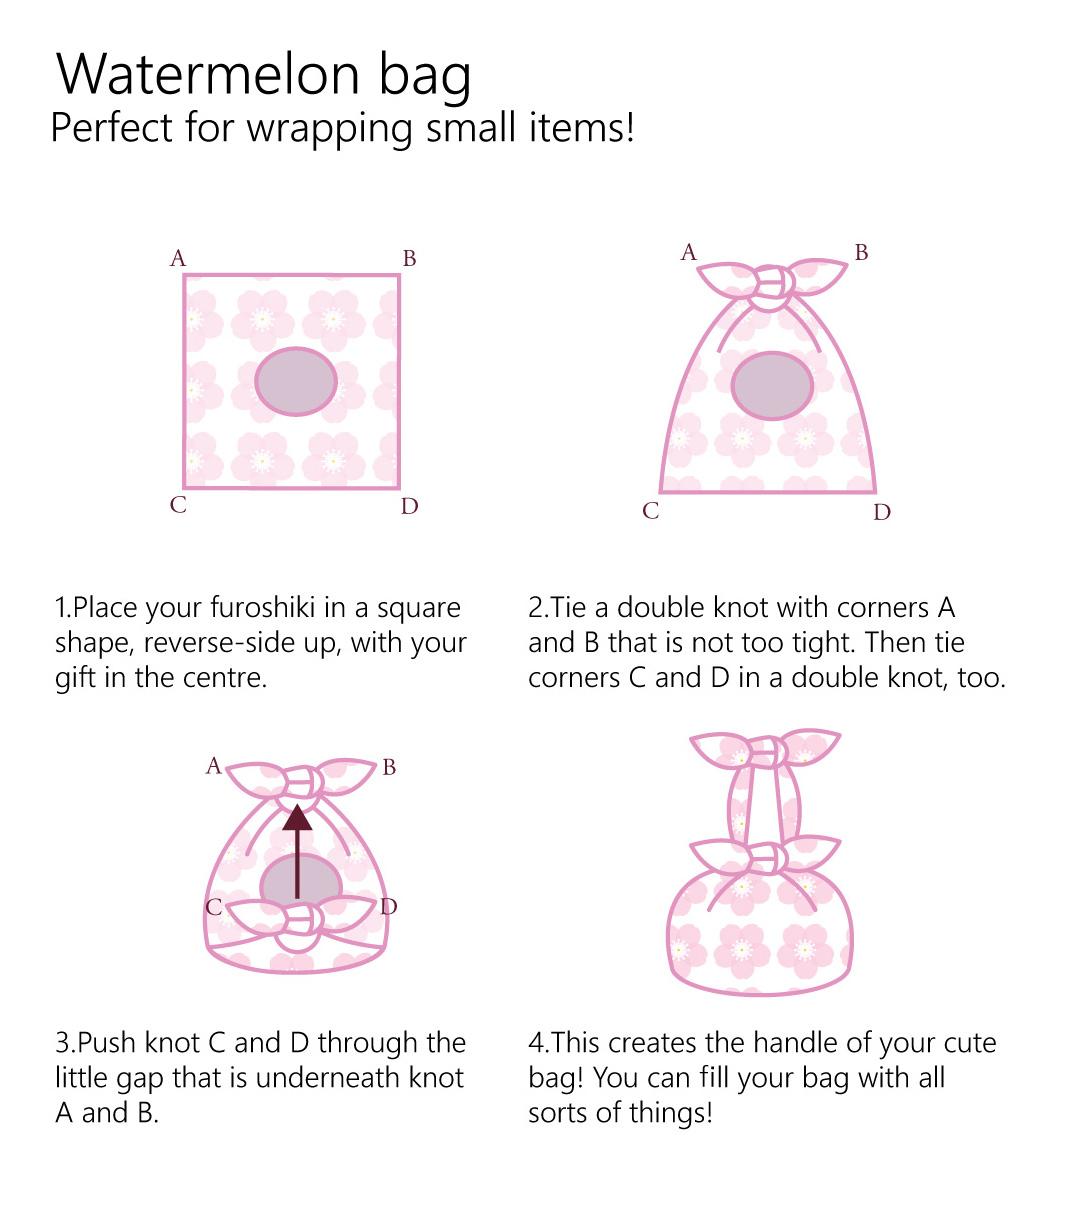 furoshiki knotwrap bag